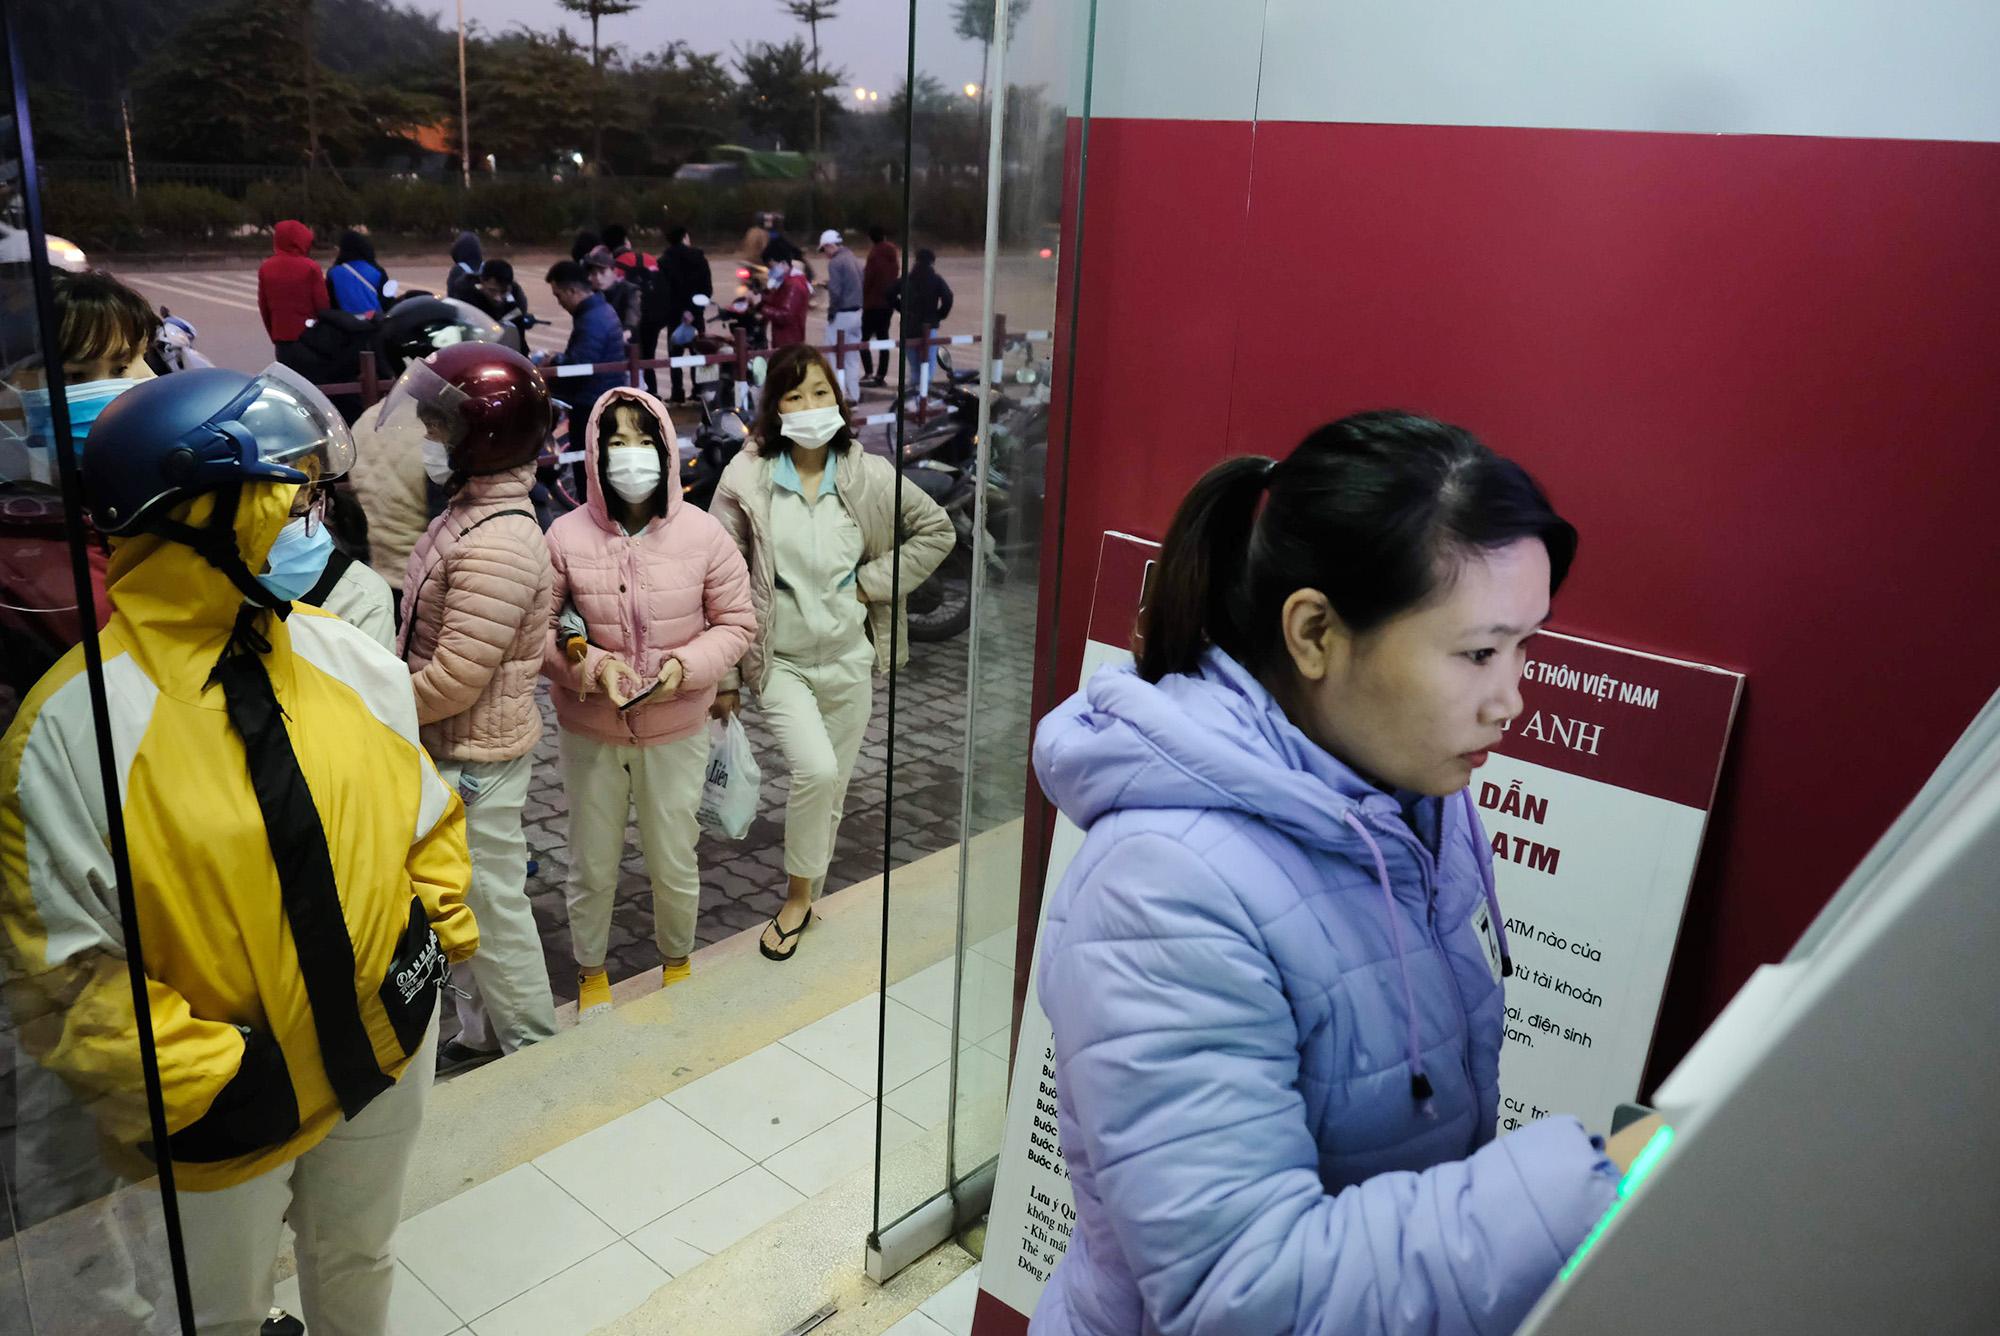 Hà Nội: Công nhân xếp hàng trong giá rét chờ rút tiền về quê ăn Tết